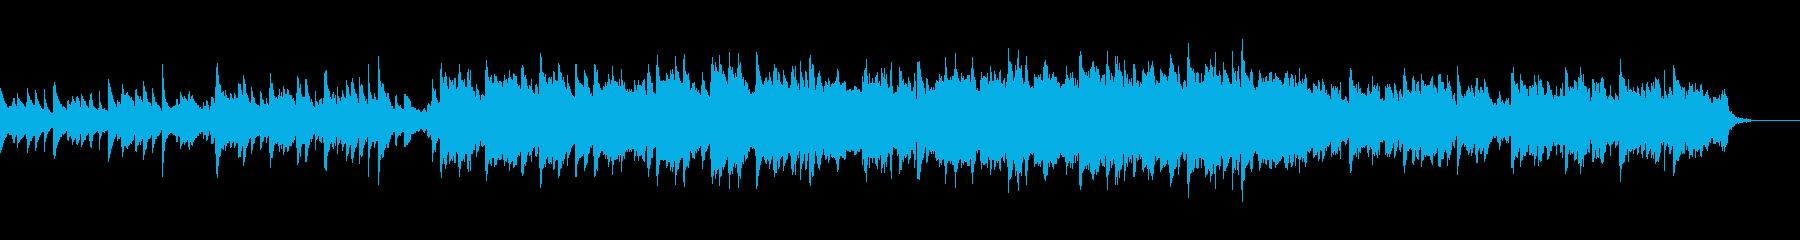 ピアノとストリングスの軽やかな曲の再生済みの波形